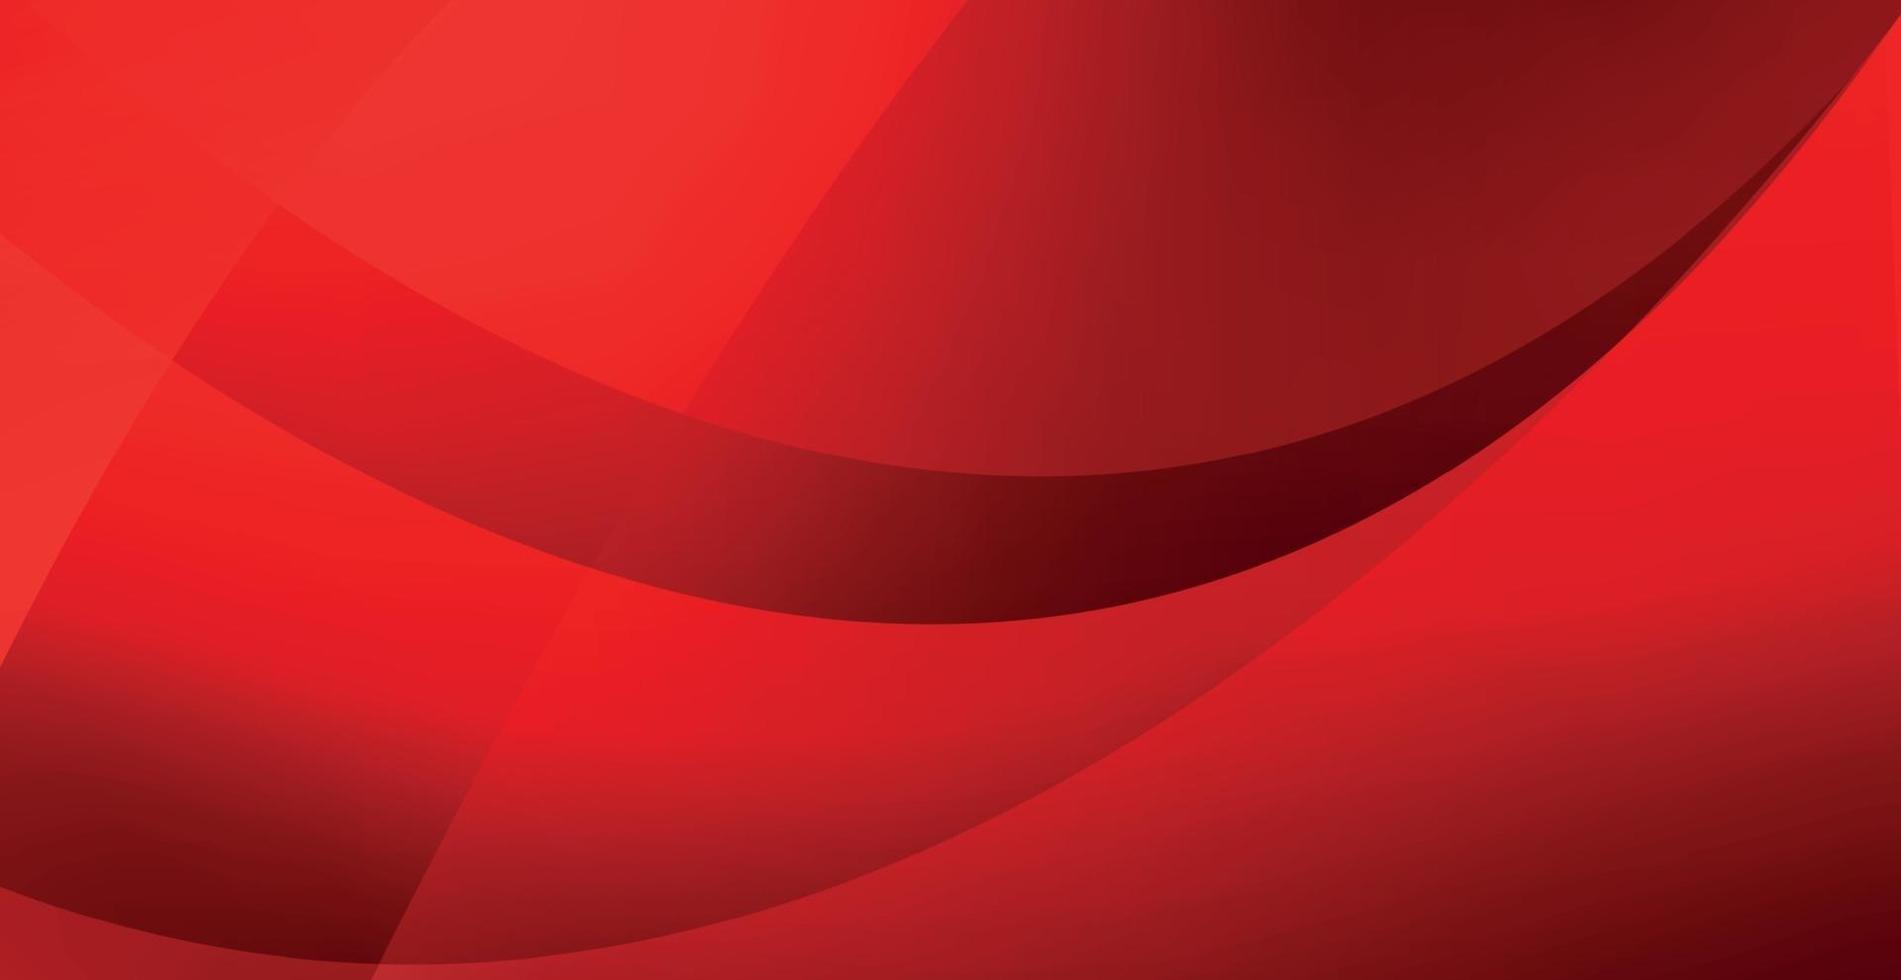 abstrakt mörk röd bakgrund, vågiga linjer - vektor